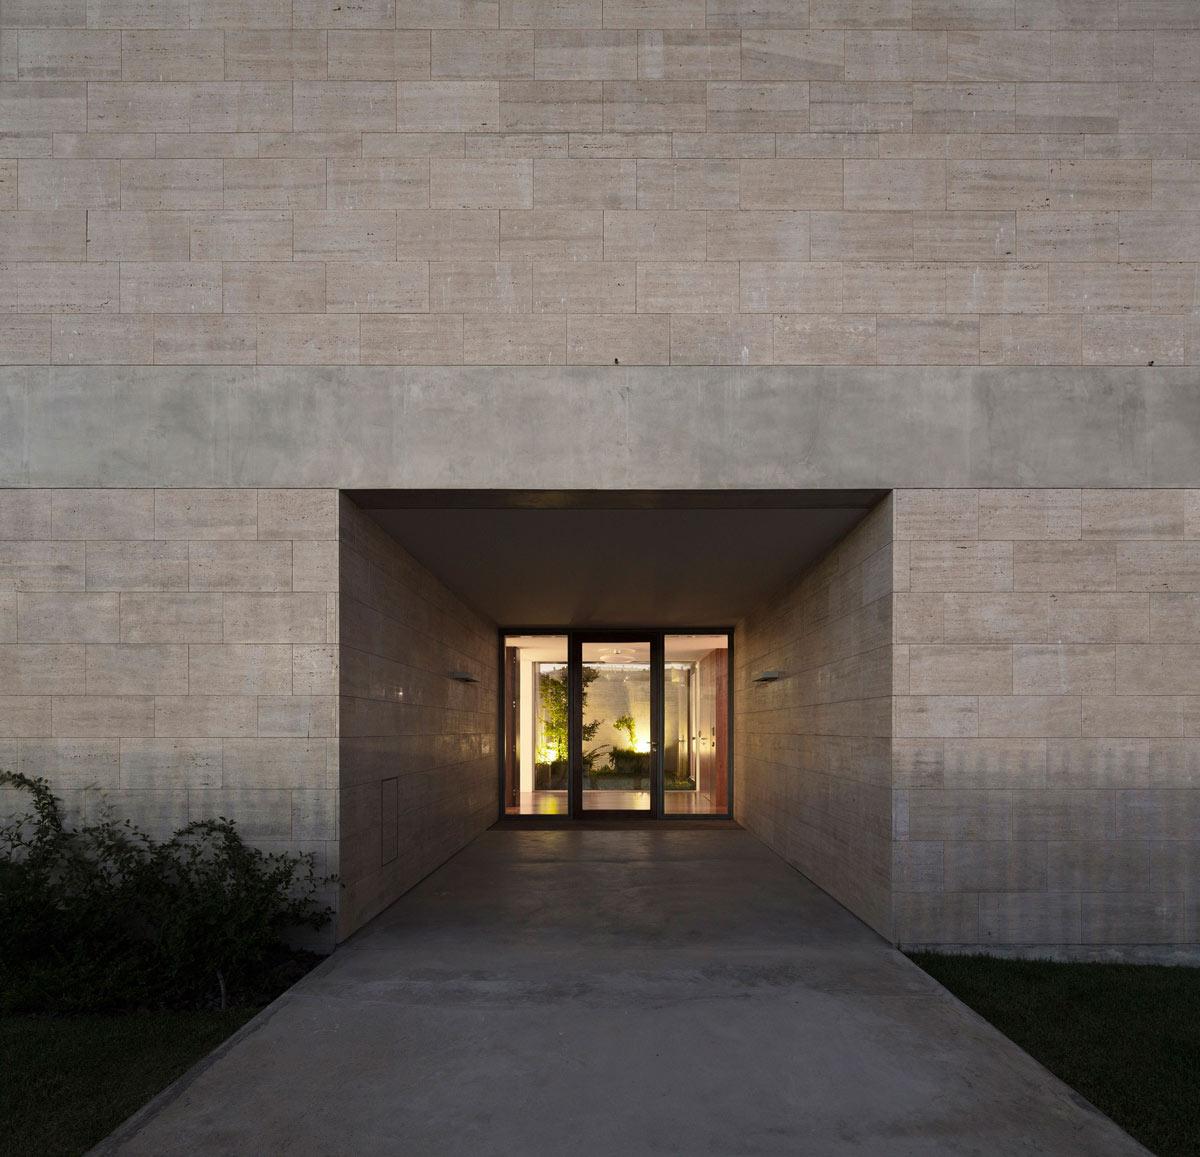 Entrance, Glass Door, Concrete Flooring, C+P House in Lisbon, Portugal by Gonçalo das Neves Nunes